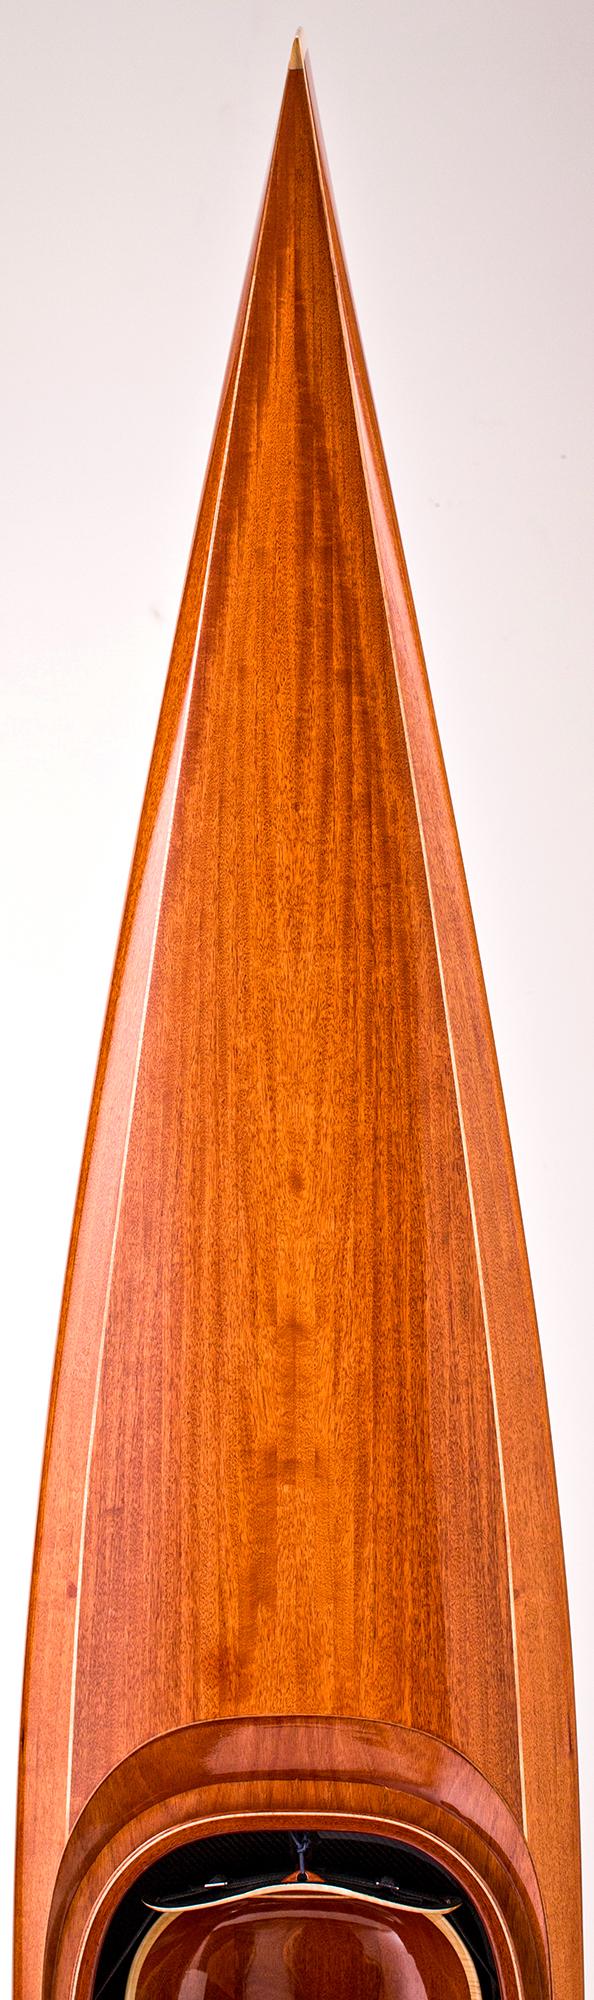 Back deck of Mahogany Wood Kayak